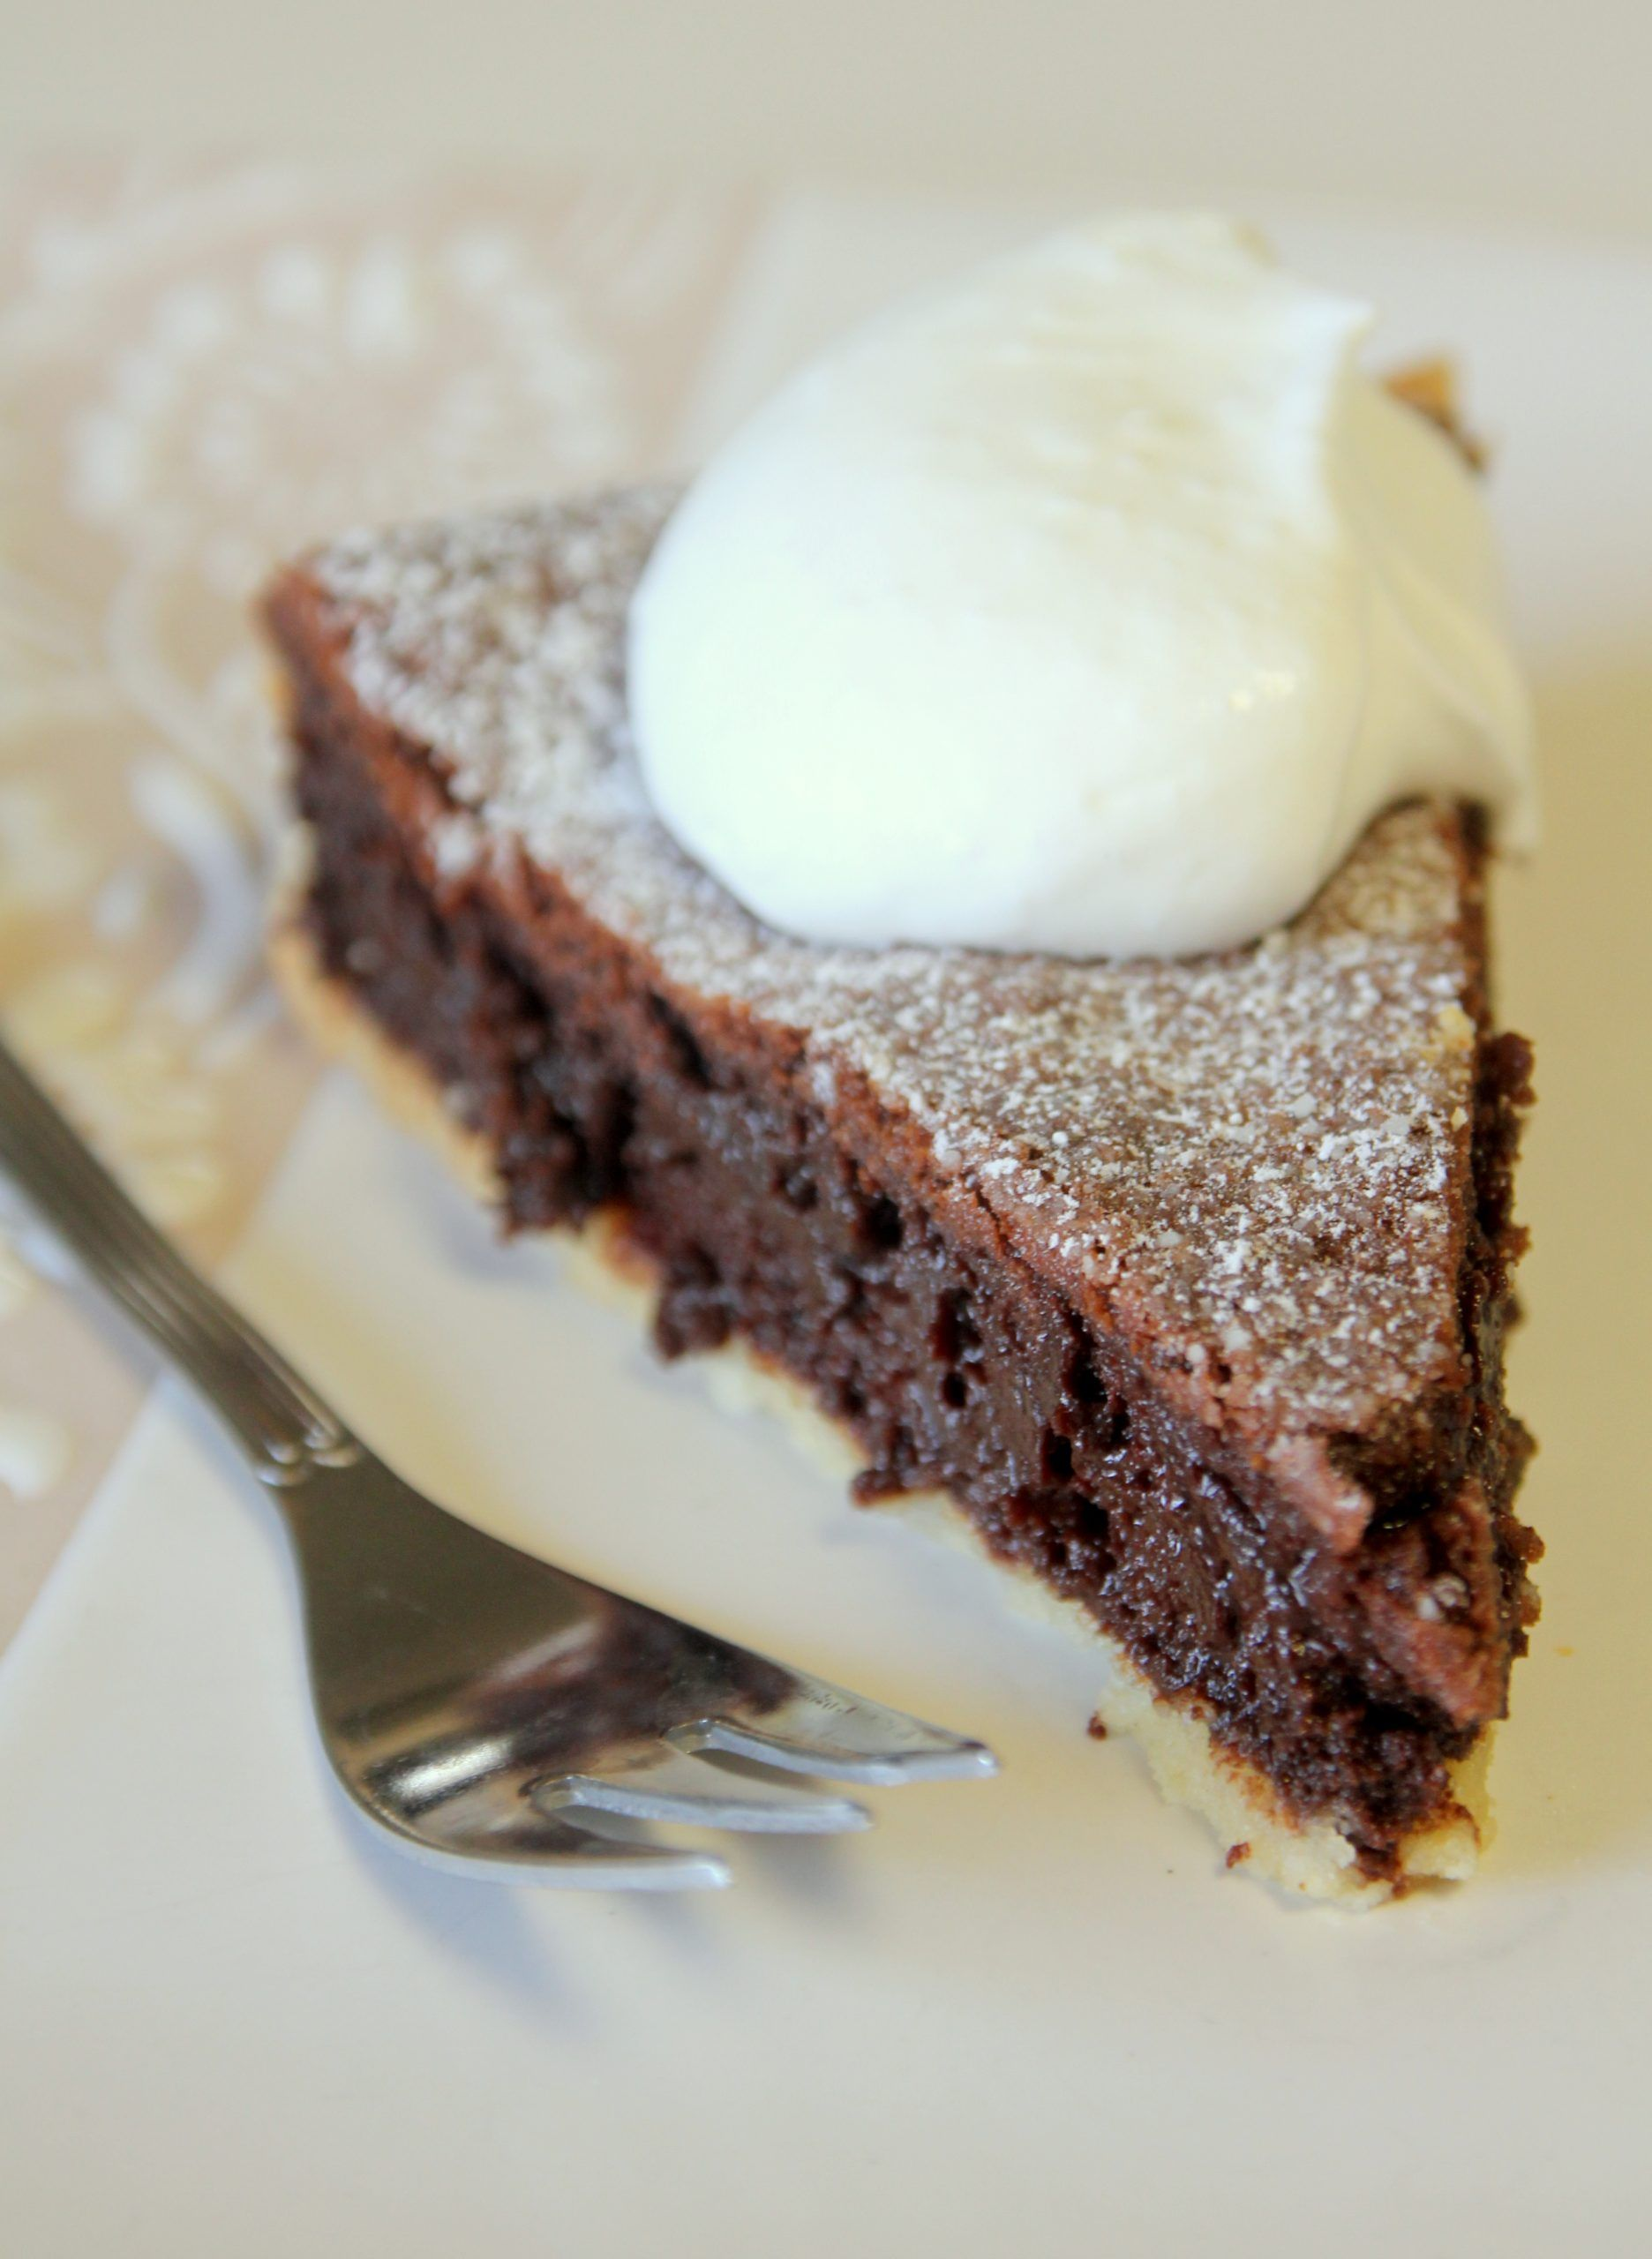 פאי שוקולד מריר | צילום: נטלי לוין